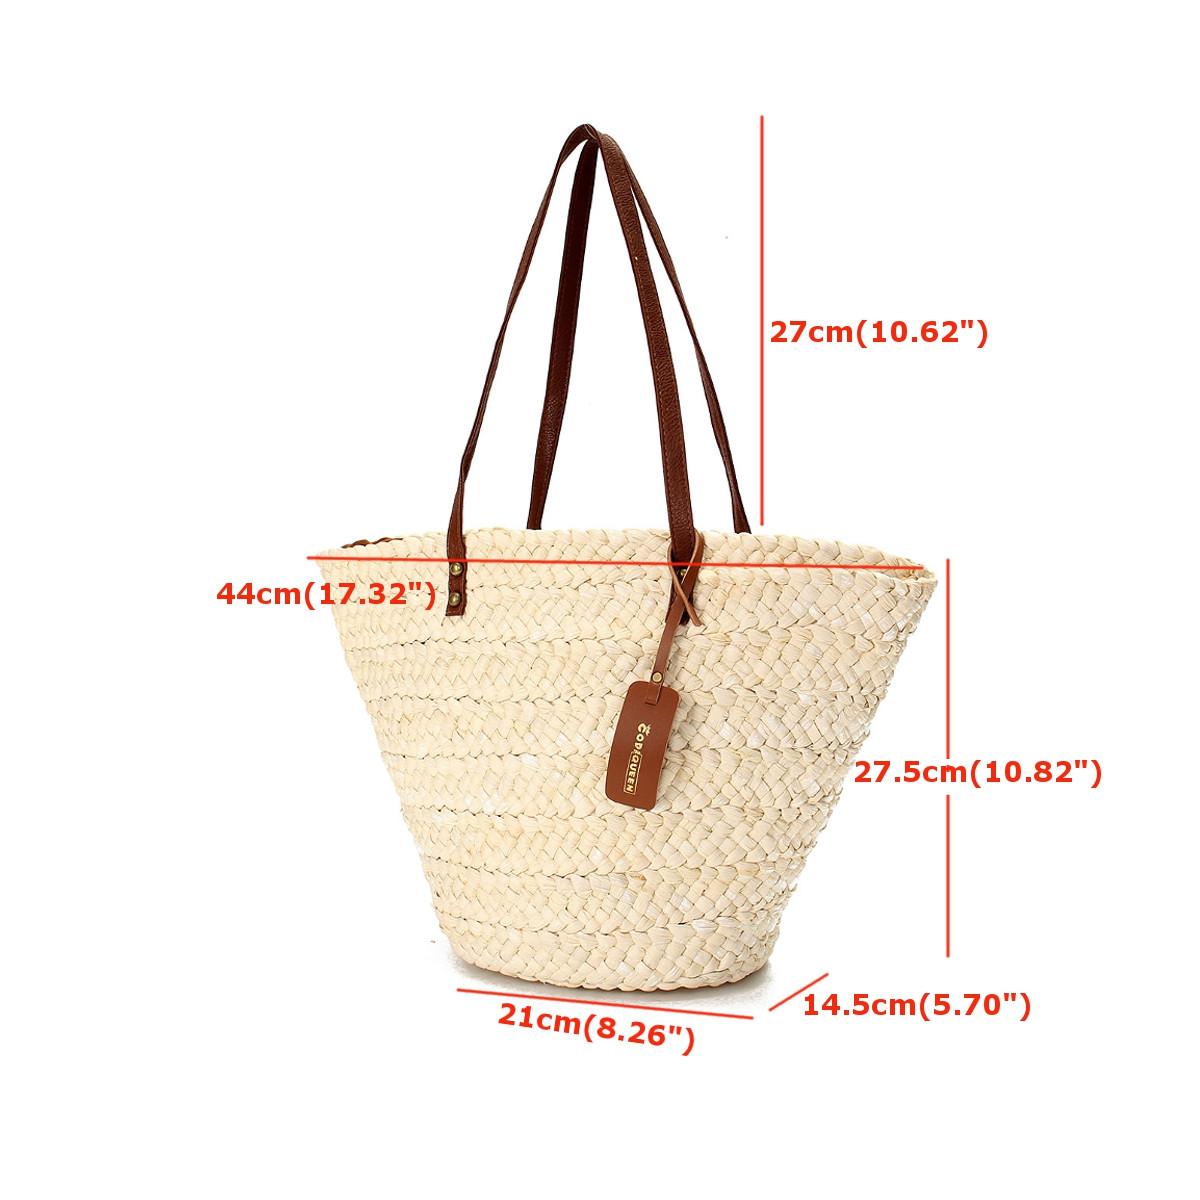 Strandtasche Basttasche Damentasche Strohtasche Korbtasche Schulter Handtasche D